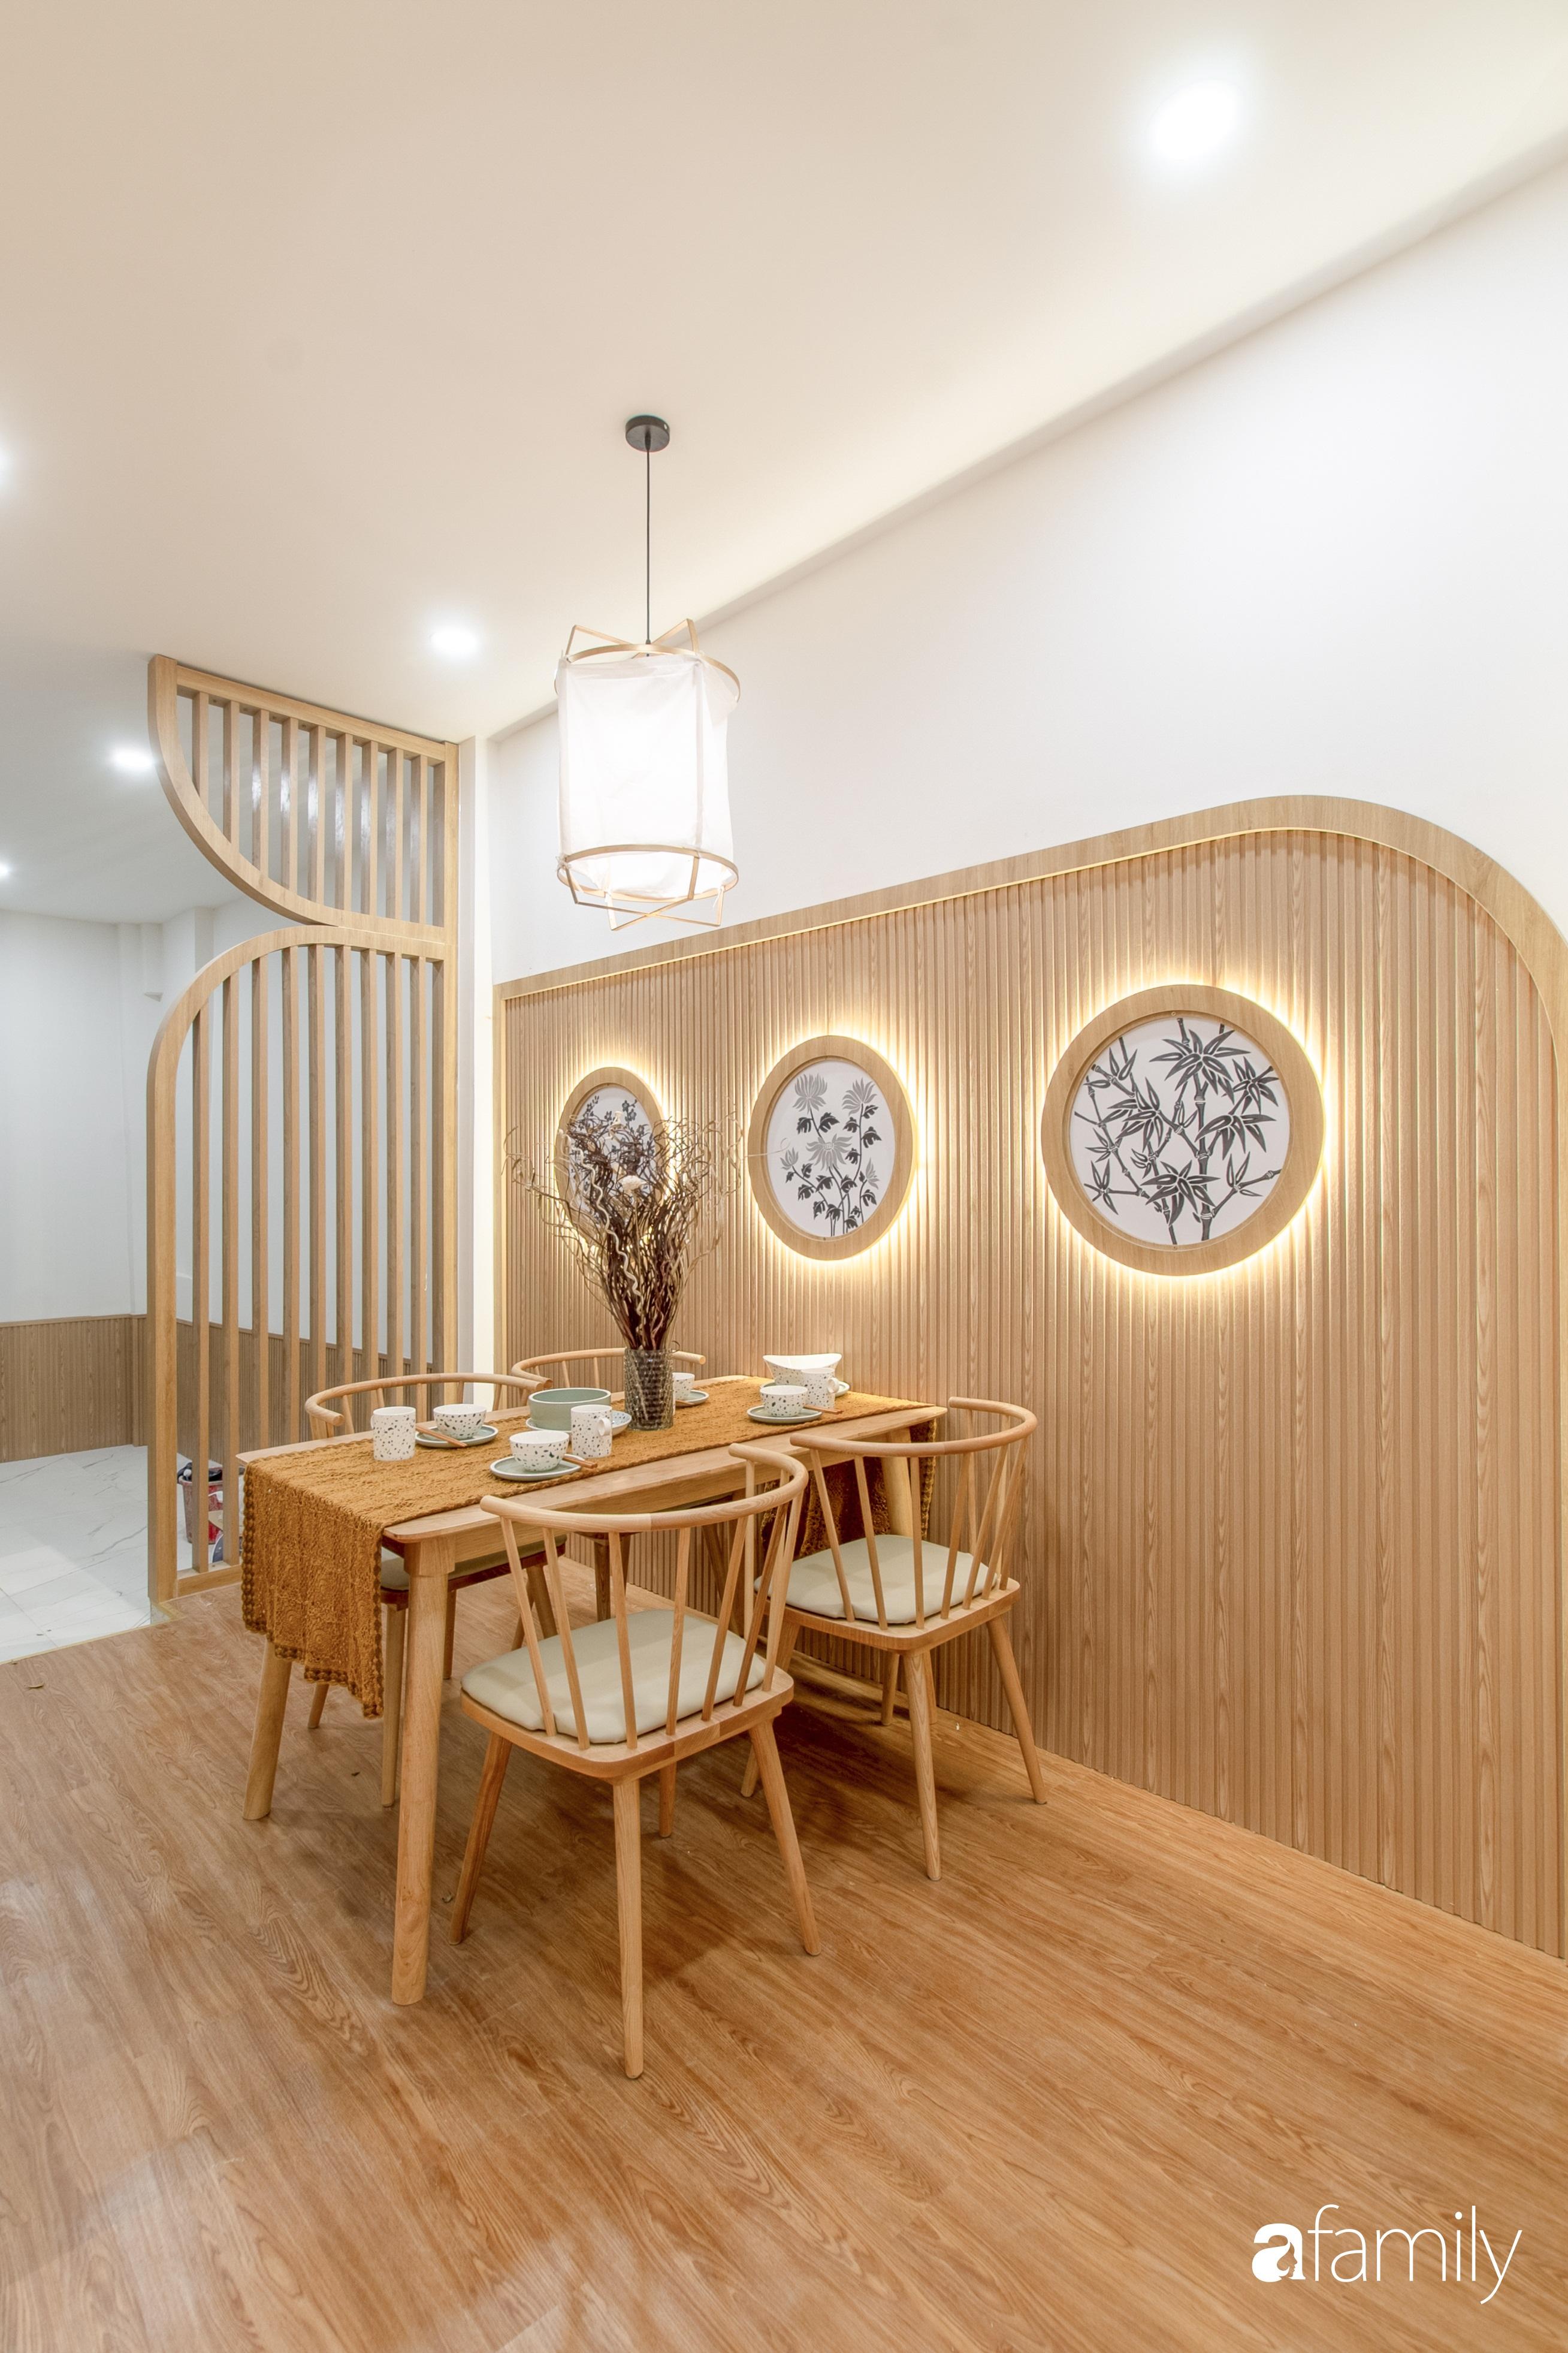 Con trai cải tạo nhà phố hư hỏng nặng thành không gian đậm phong cách Nhật cho bố mẹ an hưởng tuổi già - Ảnh 8.